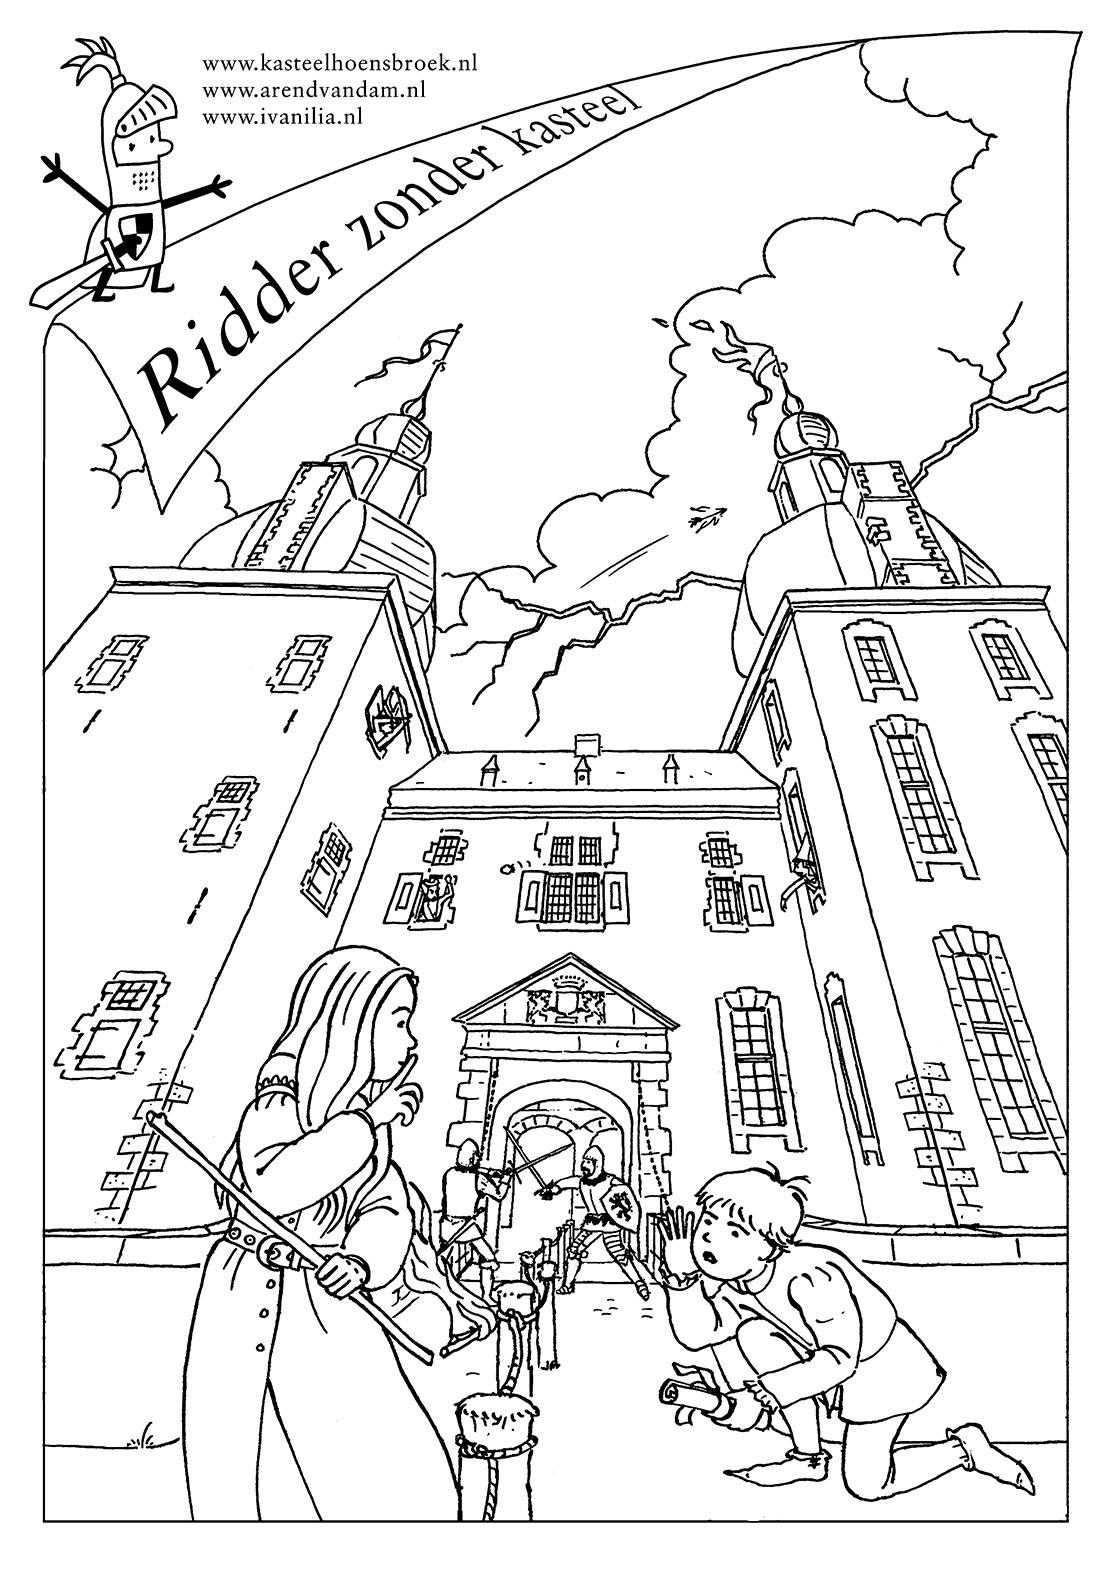 Kleurplaten Kasteel En Ridders.Kleurplaat Ridder Zonder Kasteel Ivan Ilia Illustraties